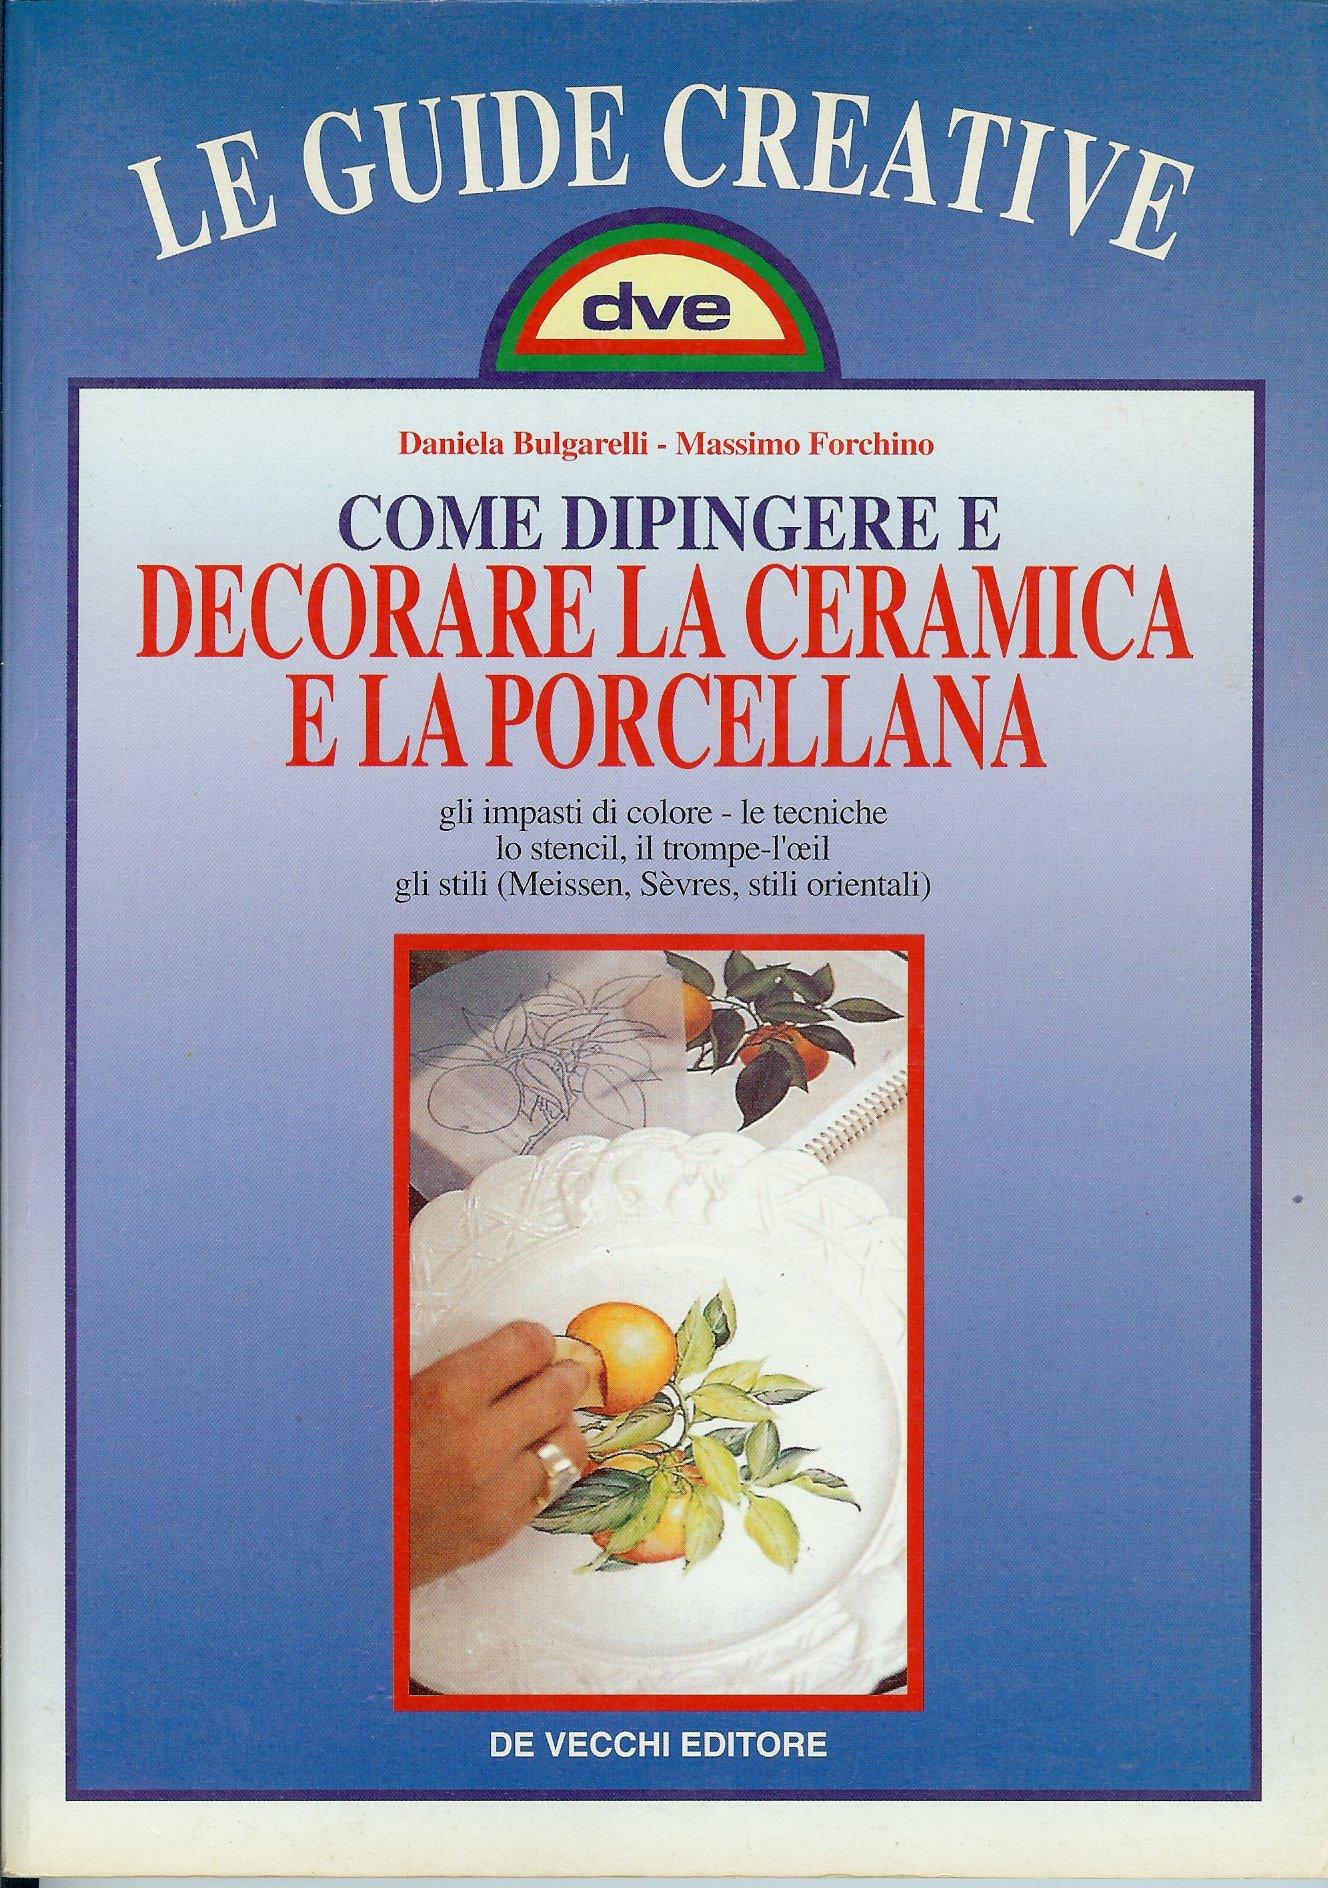 Come dipingere e decorare la ceramica e la porcellana